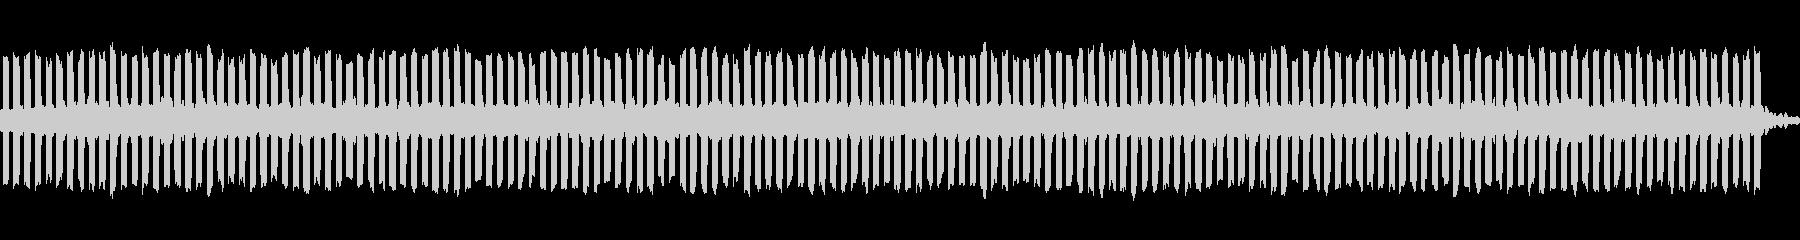 テレパシーの未再生の波形